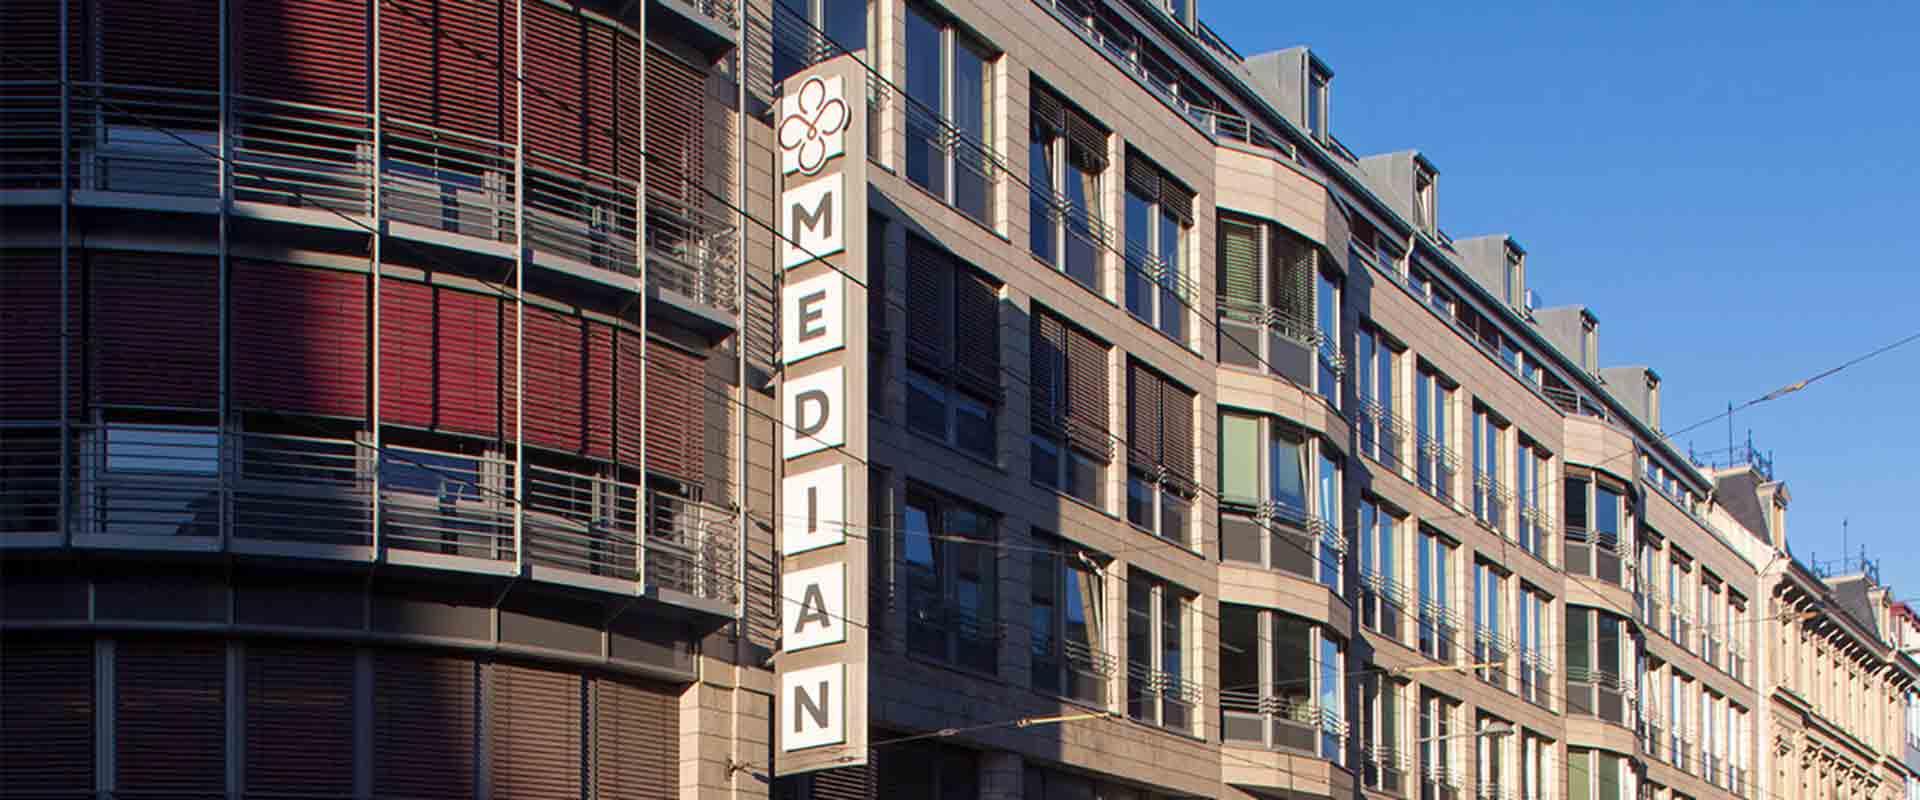 Fassade des MEDIAN Ambulantes Gesundheitszentrum Leipzig